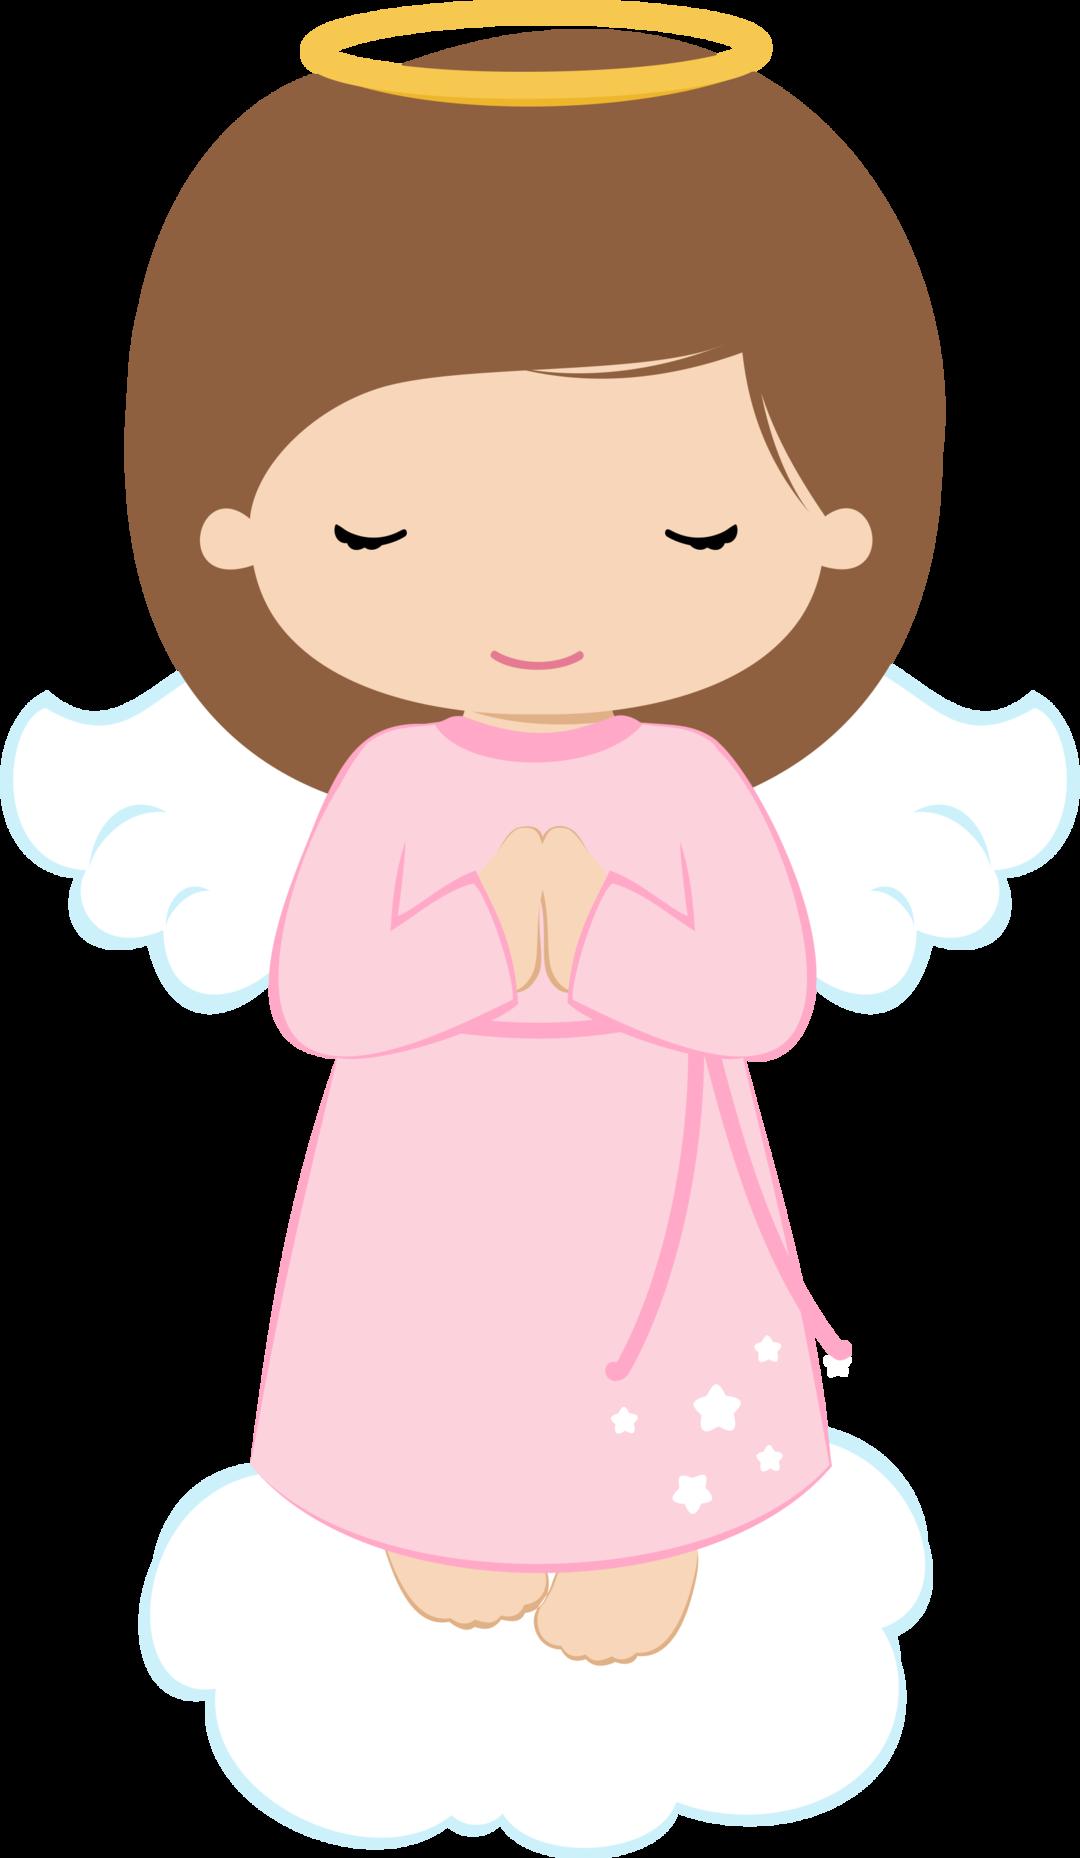 Pin De Menezes Em Batizado Anjinho Desenho Anjos Batizado